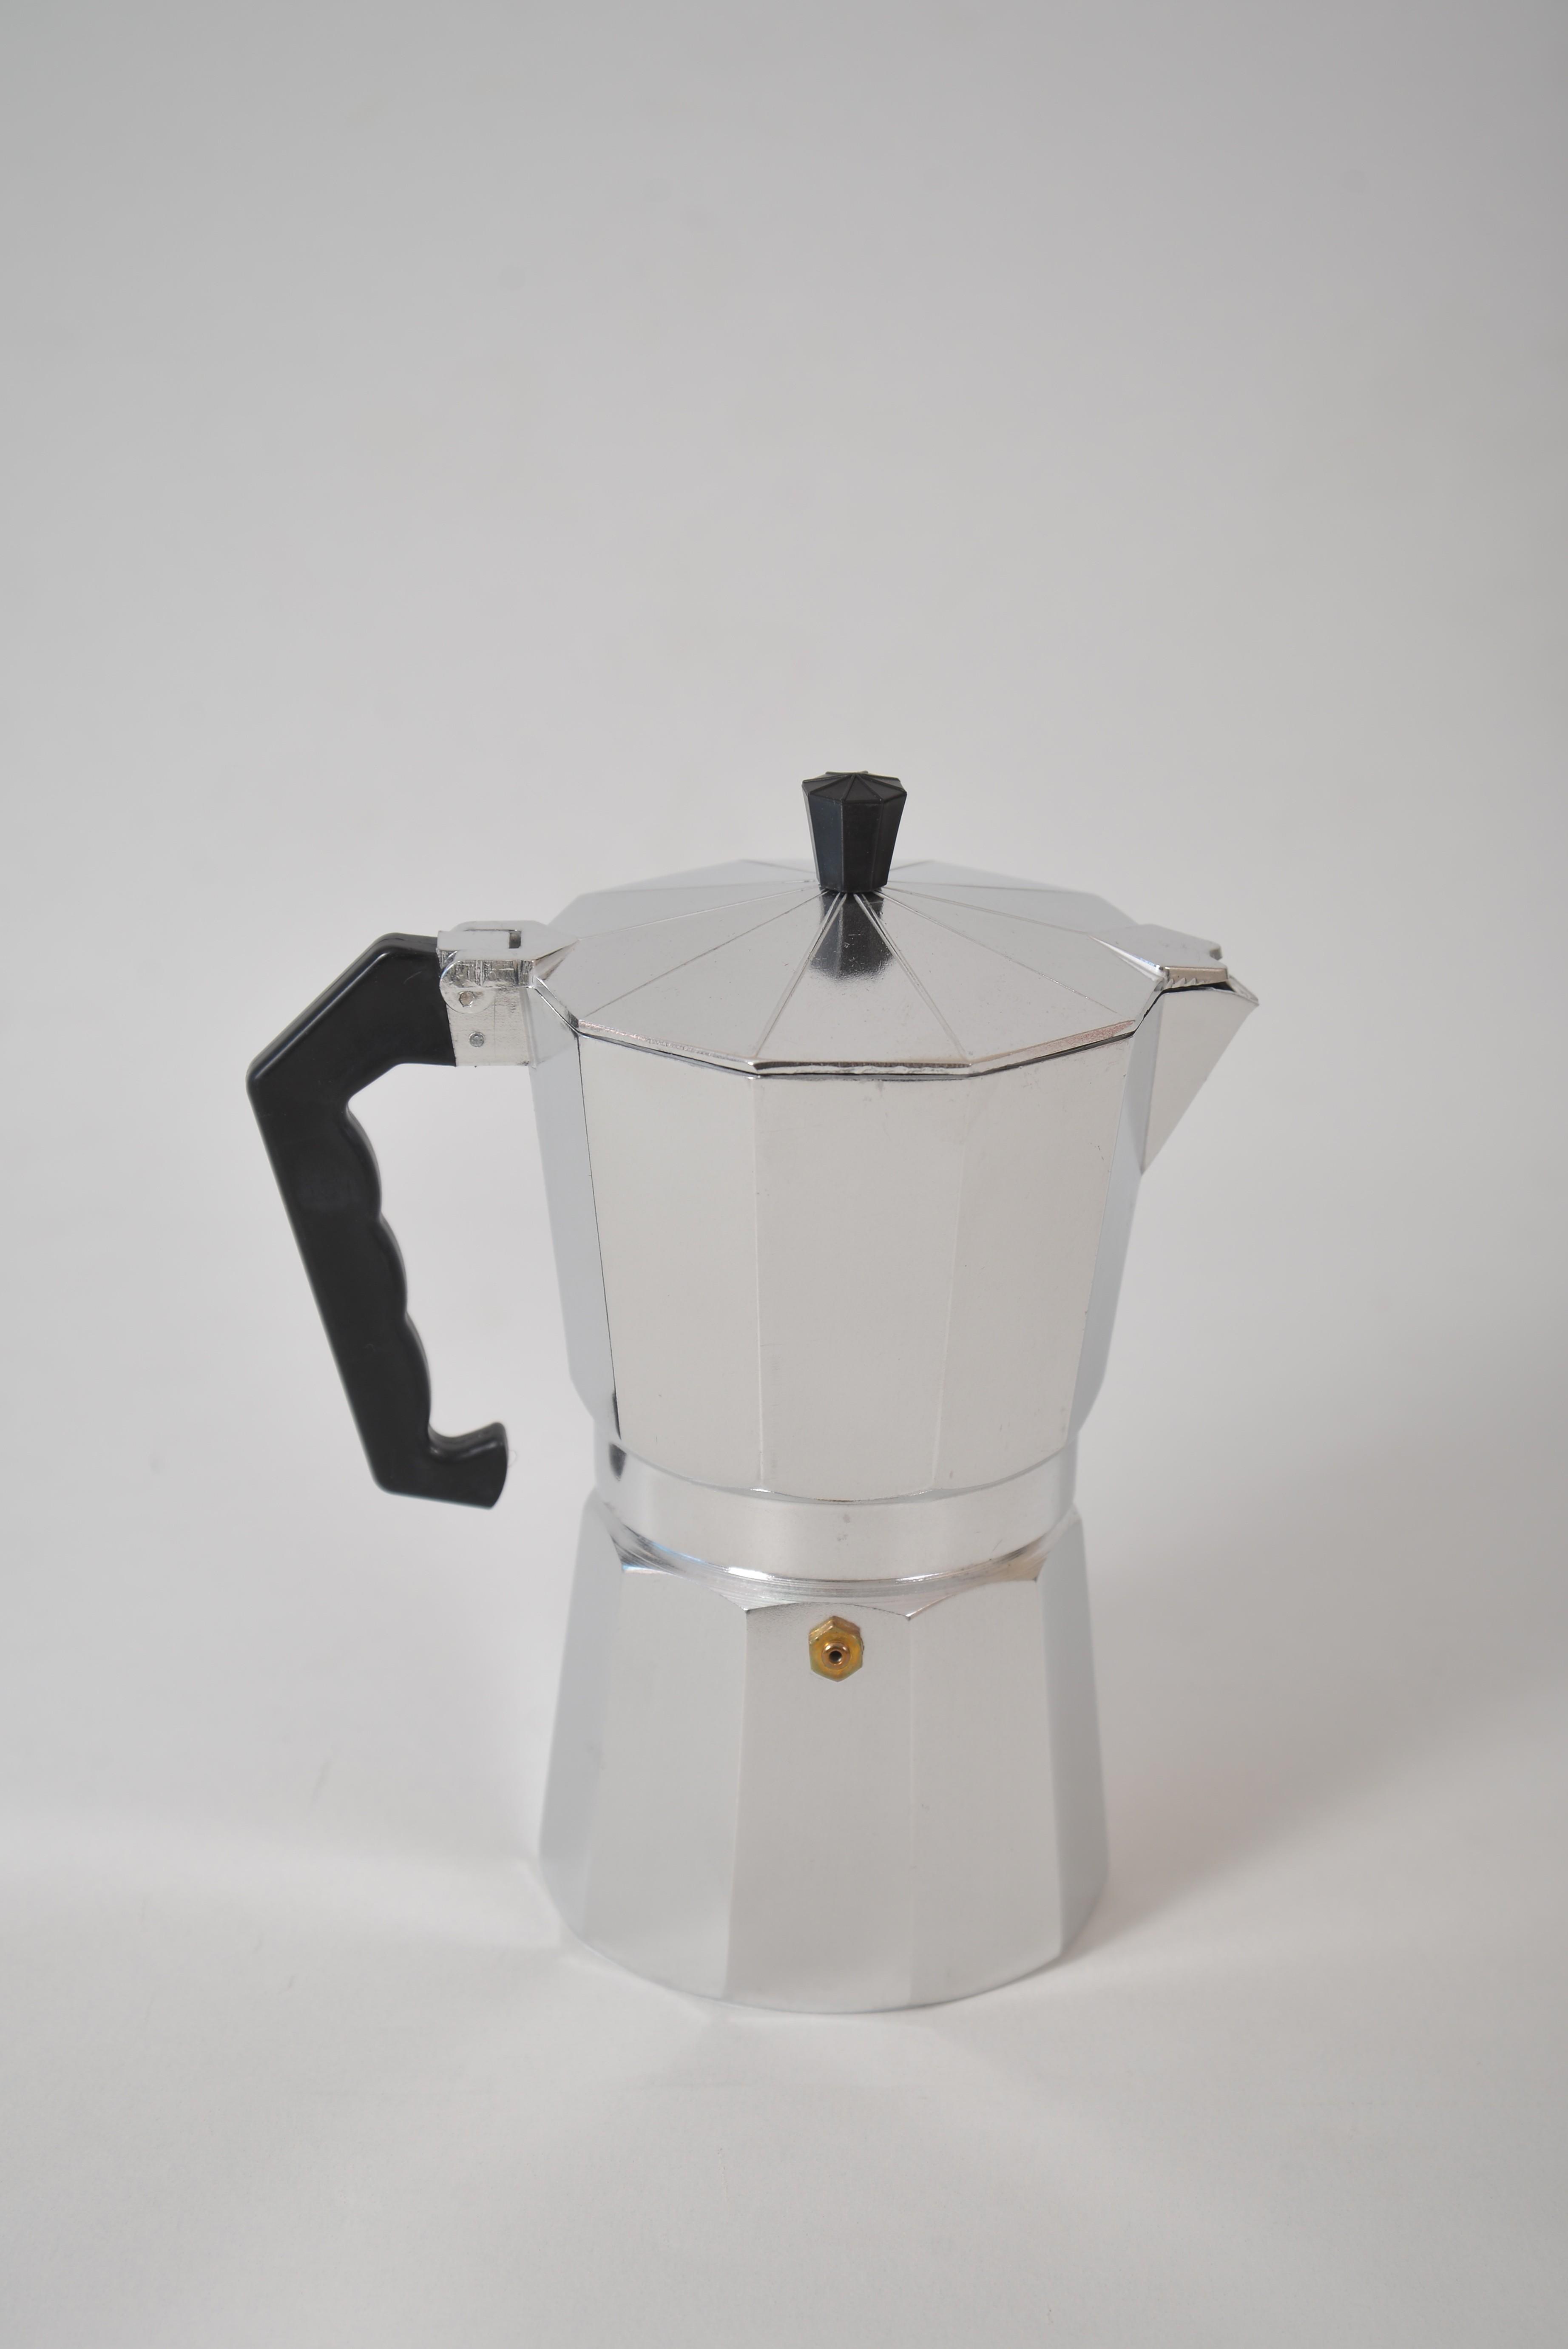 Espressor pentru cafea din aluminiu - 9 cesti